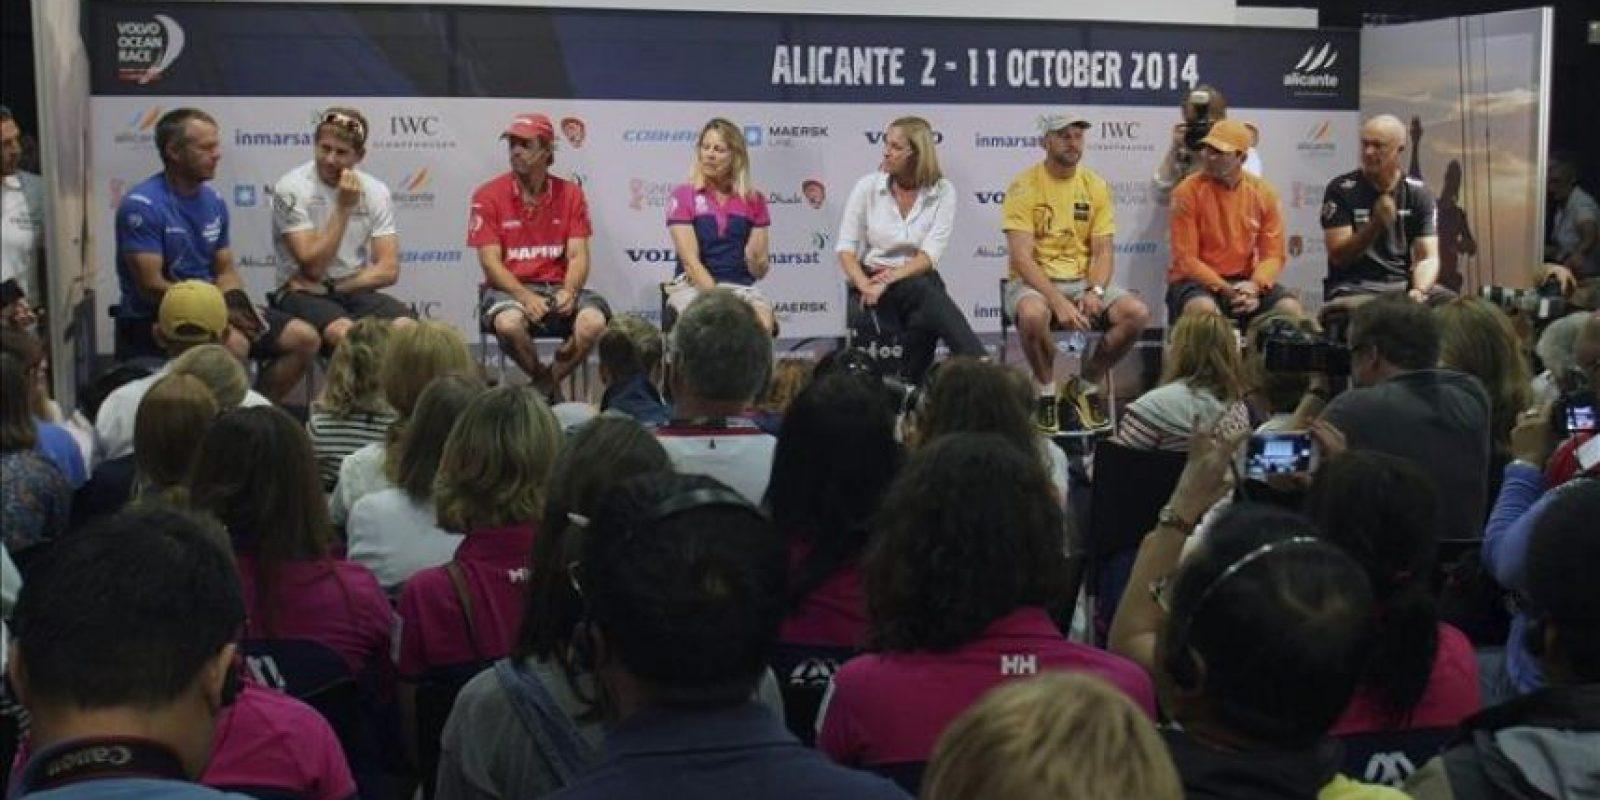 Los capitanes de equipos participantes en la Volvo Ocean Race (de izda. a dcha.) Chris Nicholson (VESTAS); Charles Caudrelier (DONGFENG); Iker Martínez (MAPFRE); Sam Davies (SCA); Ian Walker (ABU DHABI); Charles Enright (ALVIMEDICA); y Bouwe Bekking (BRUNEL), durante la conferencia de prensa que han ofrecido hoy en Alicante. EFE